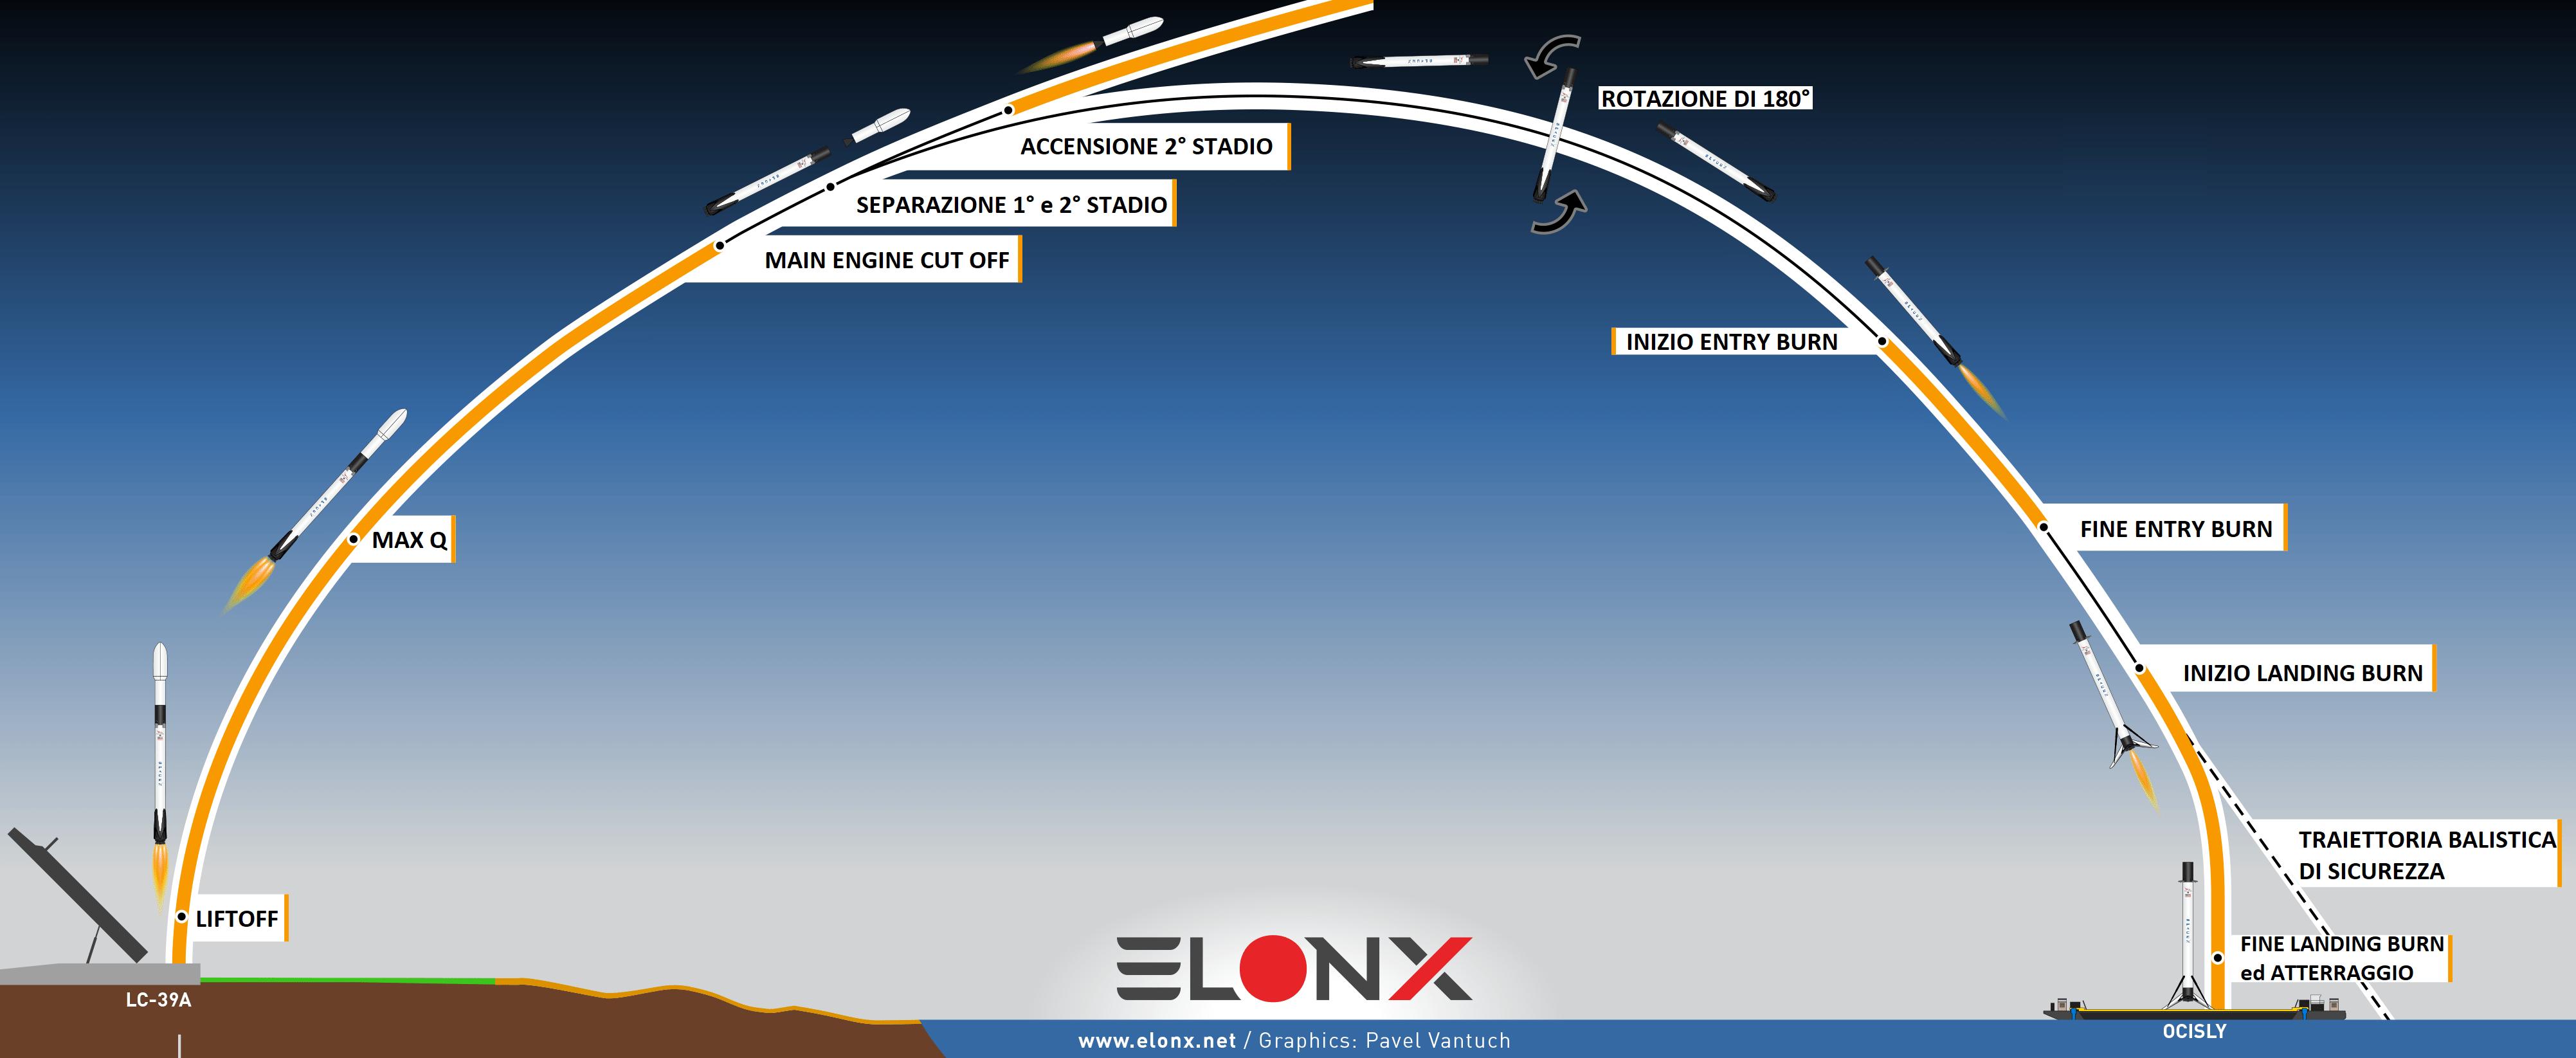 Rientro Falcon 9 SpaceX